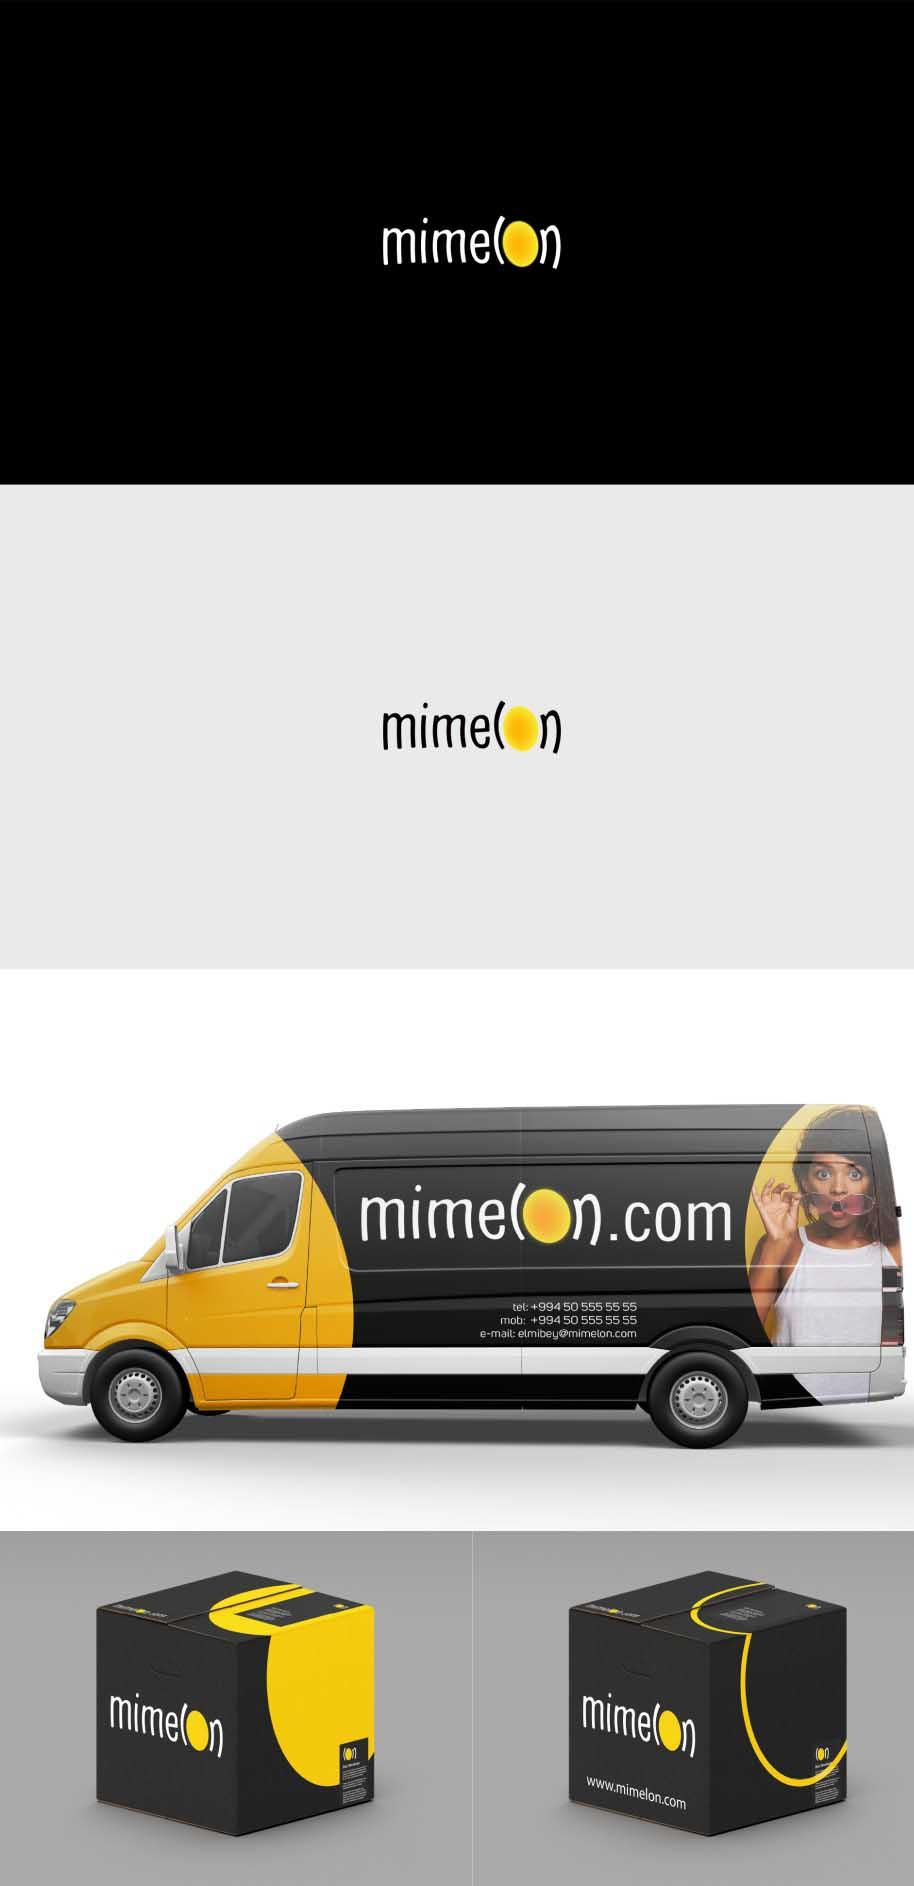 mimelon.com